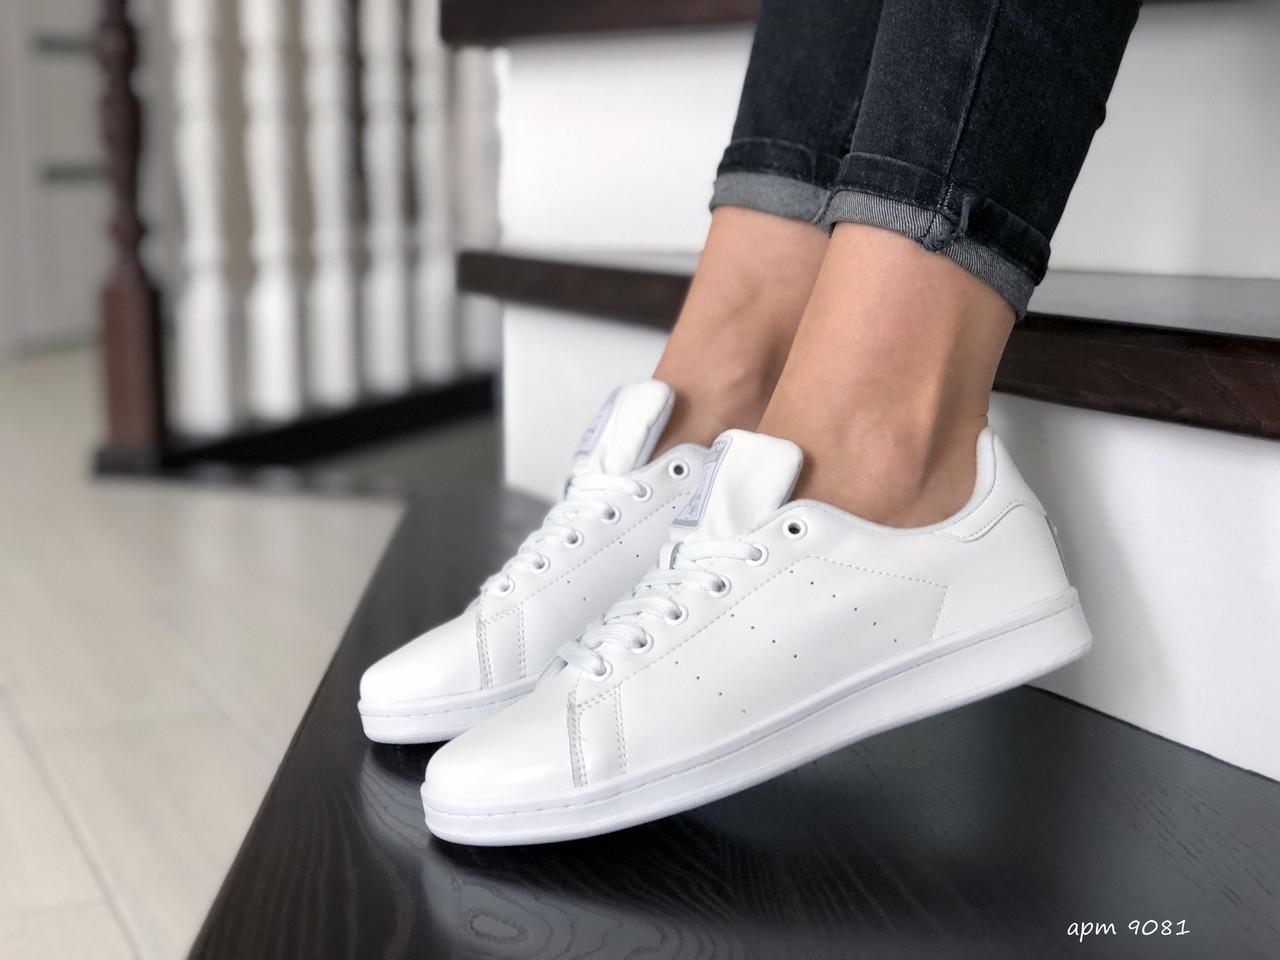 Жіночі кросівки Adidas Stan Smith (білі) 9081